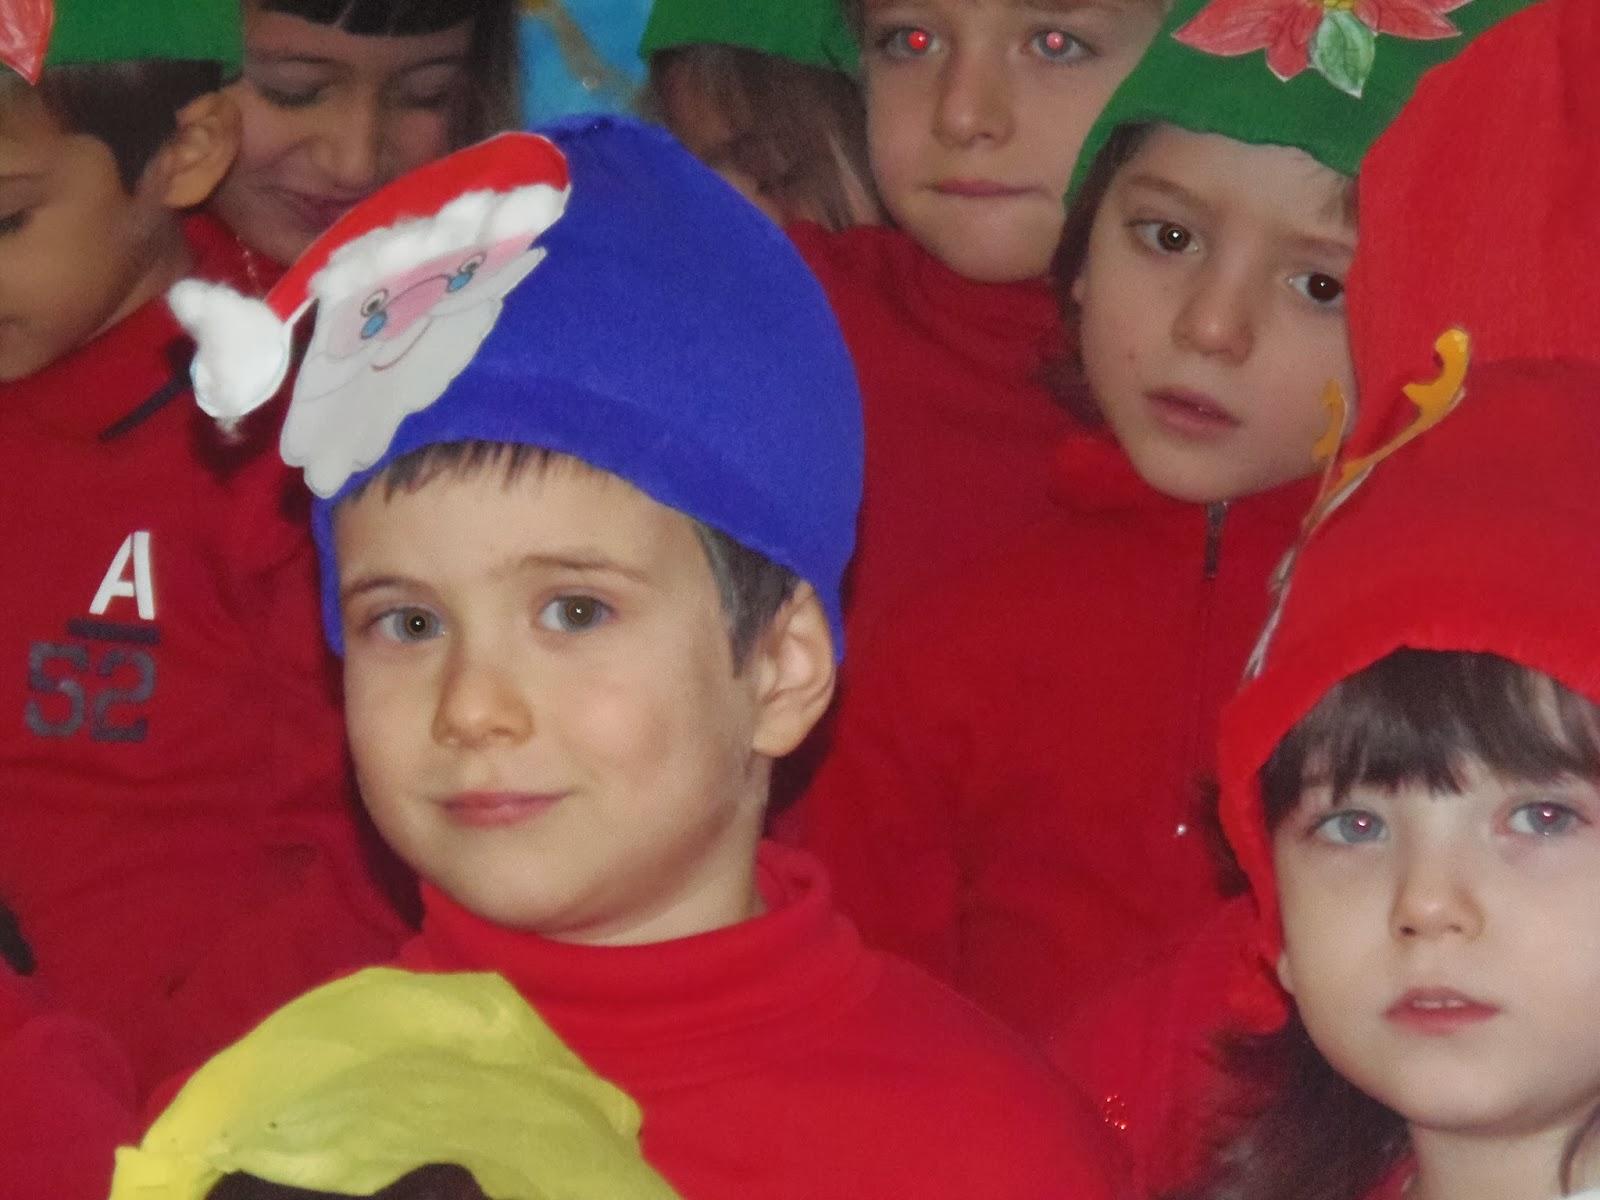 C ¨ un momento bellissimo durante le recite di Natale dei nostri bambini C ¨ un istante veloce piccolo microscopico durante gli appalusi i canti